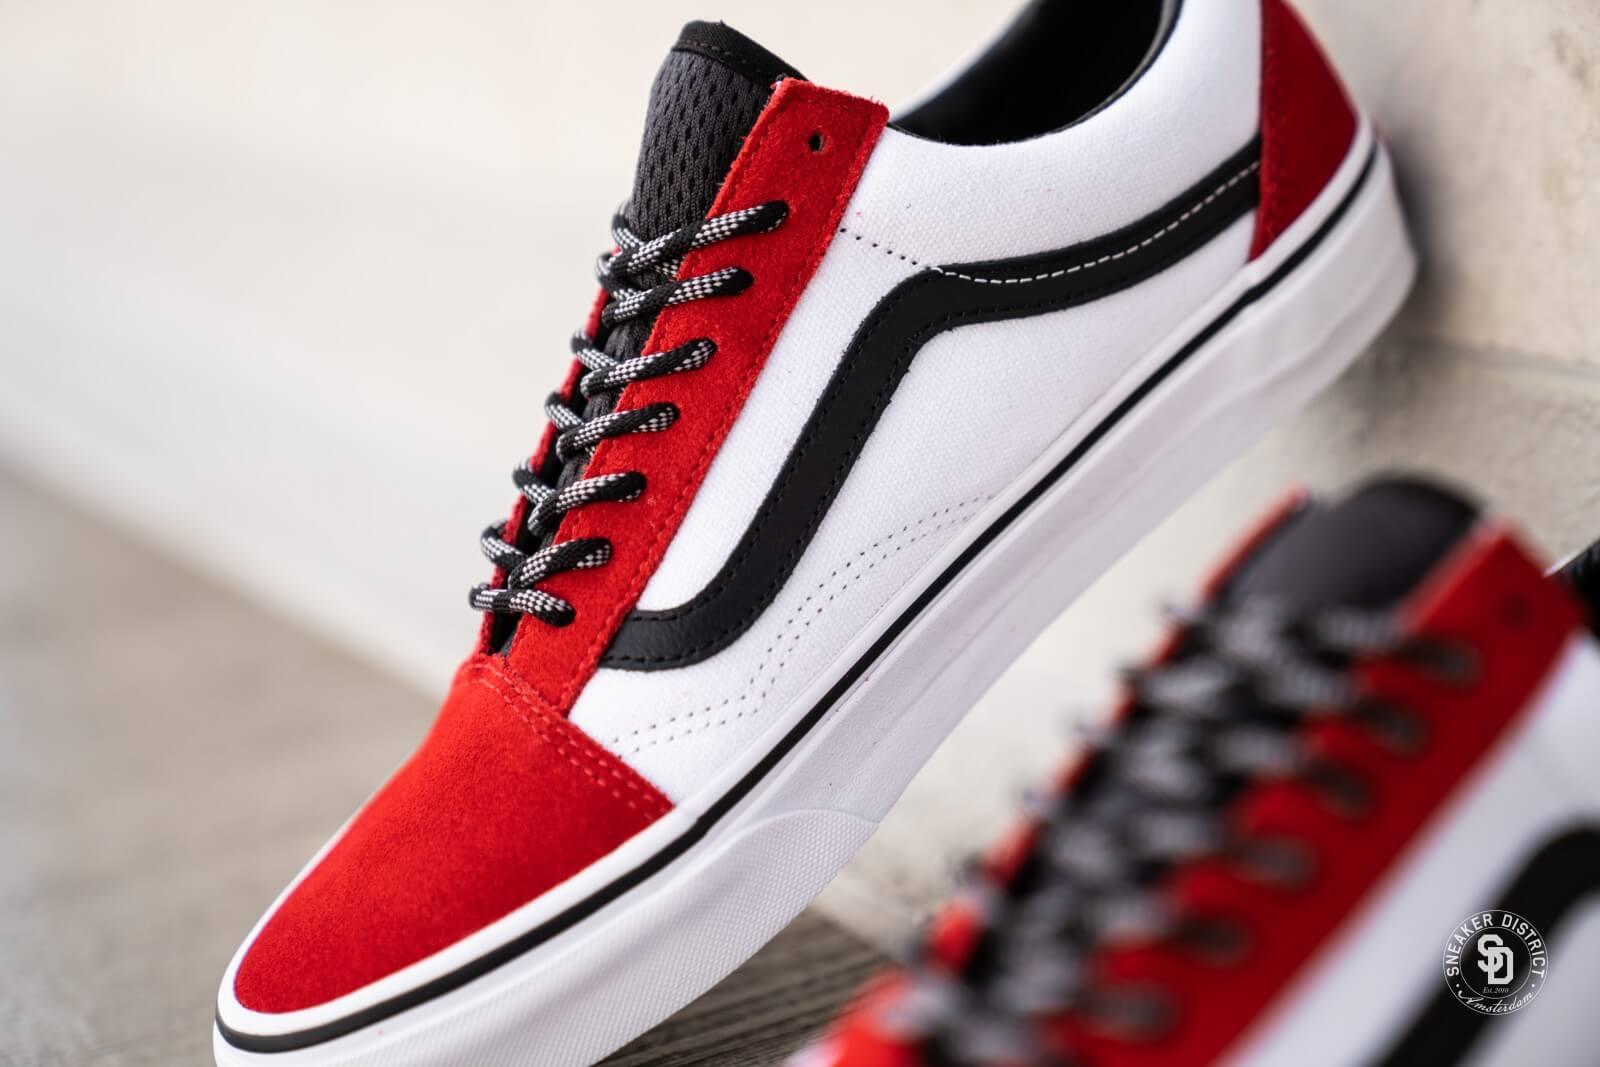 OTW Webbing Old Skool | Shop Shoes At Vans